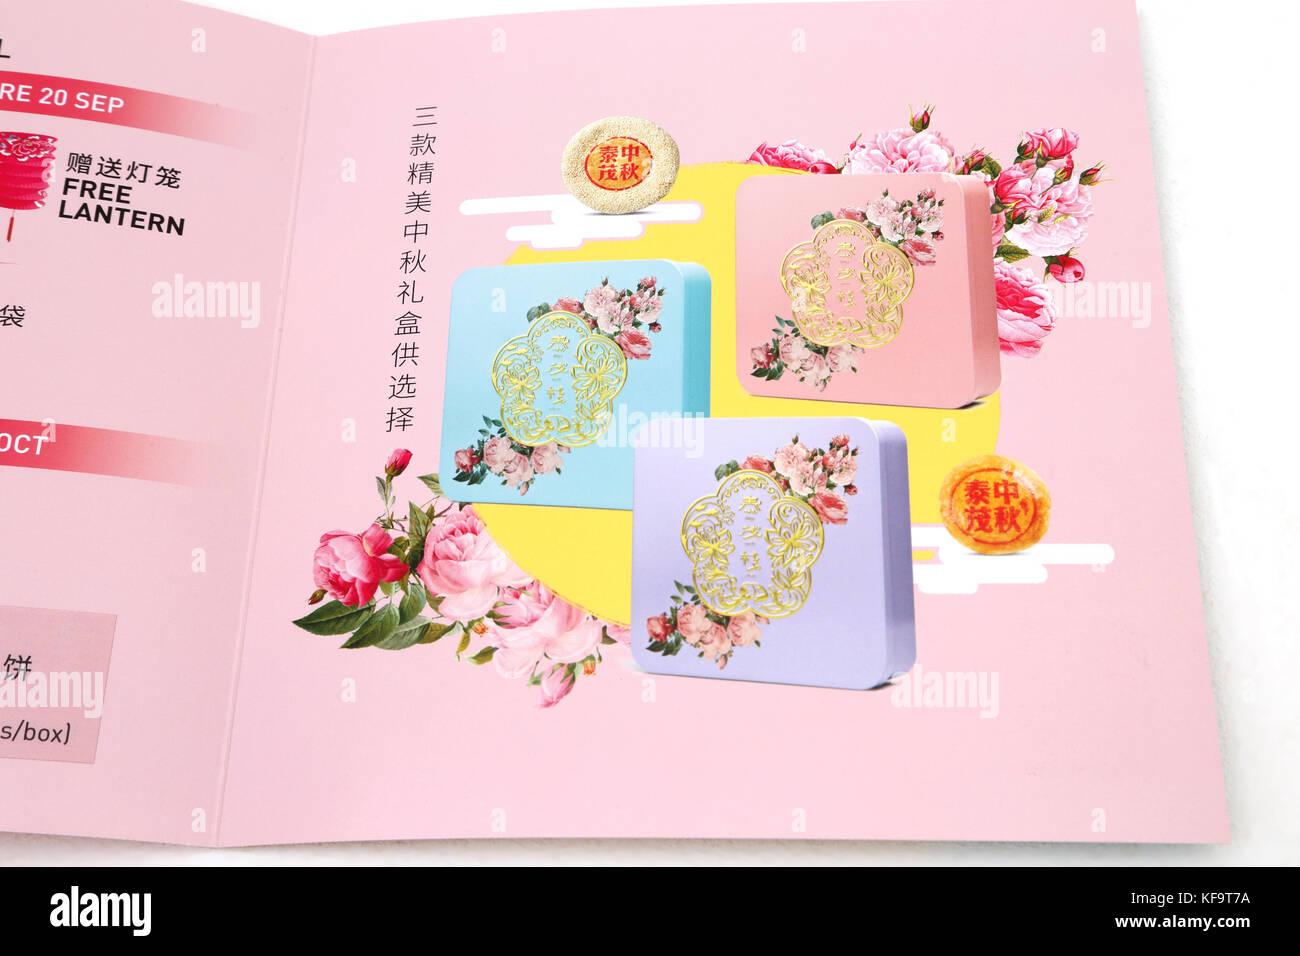 Thye Moh Chan Heft zeigt Teochew Mooncakes Geschenksets Stockfoto